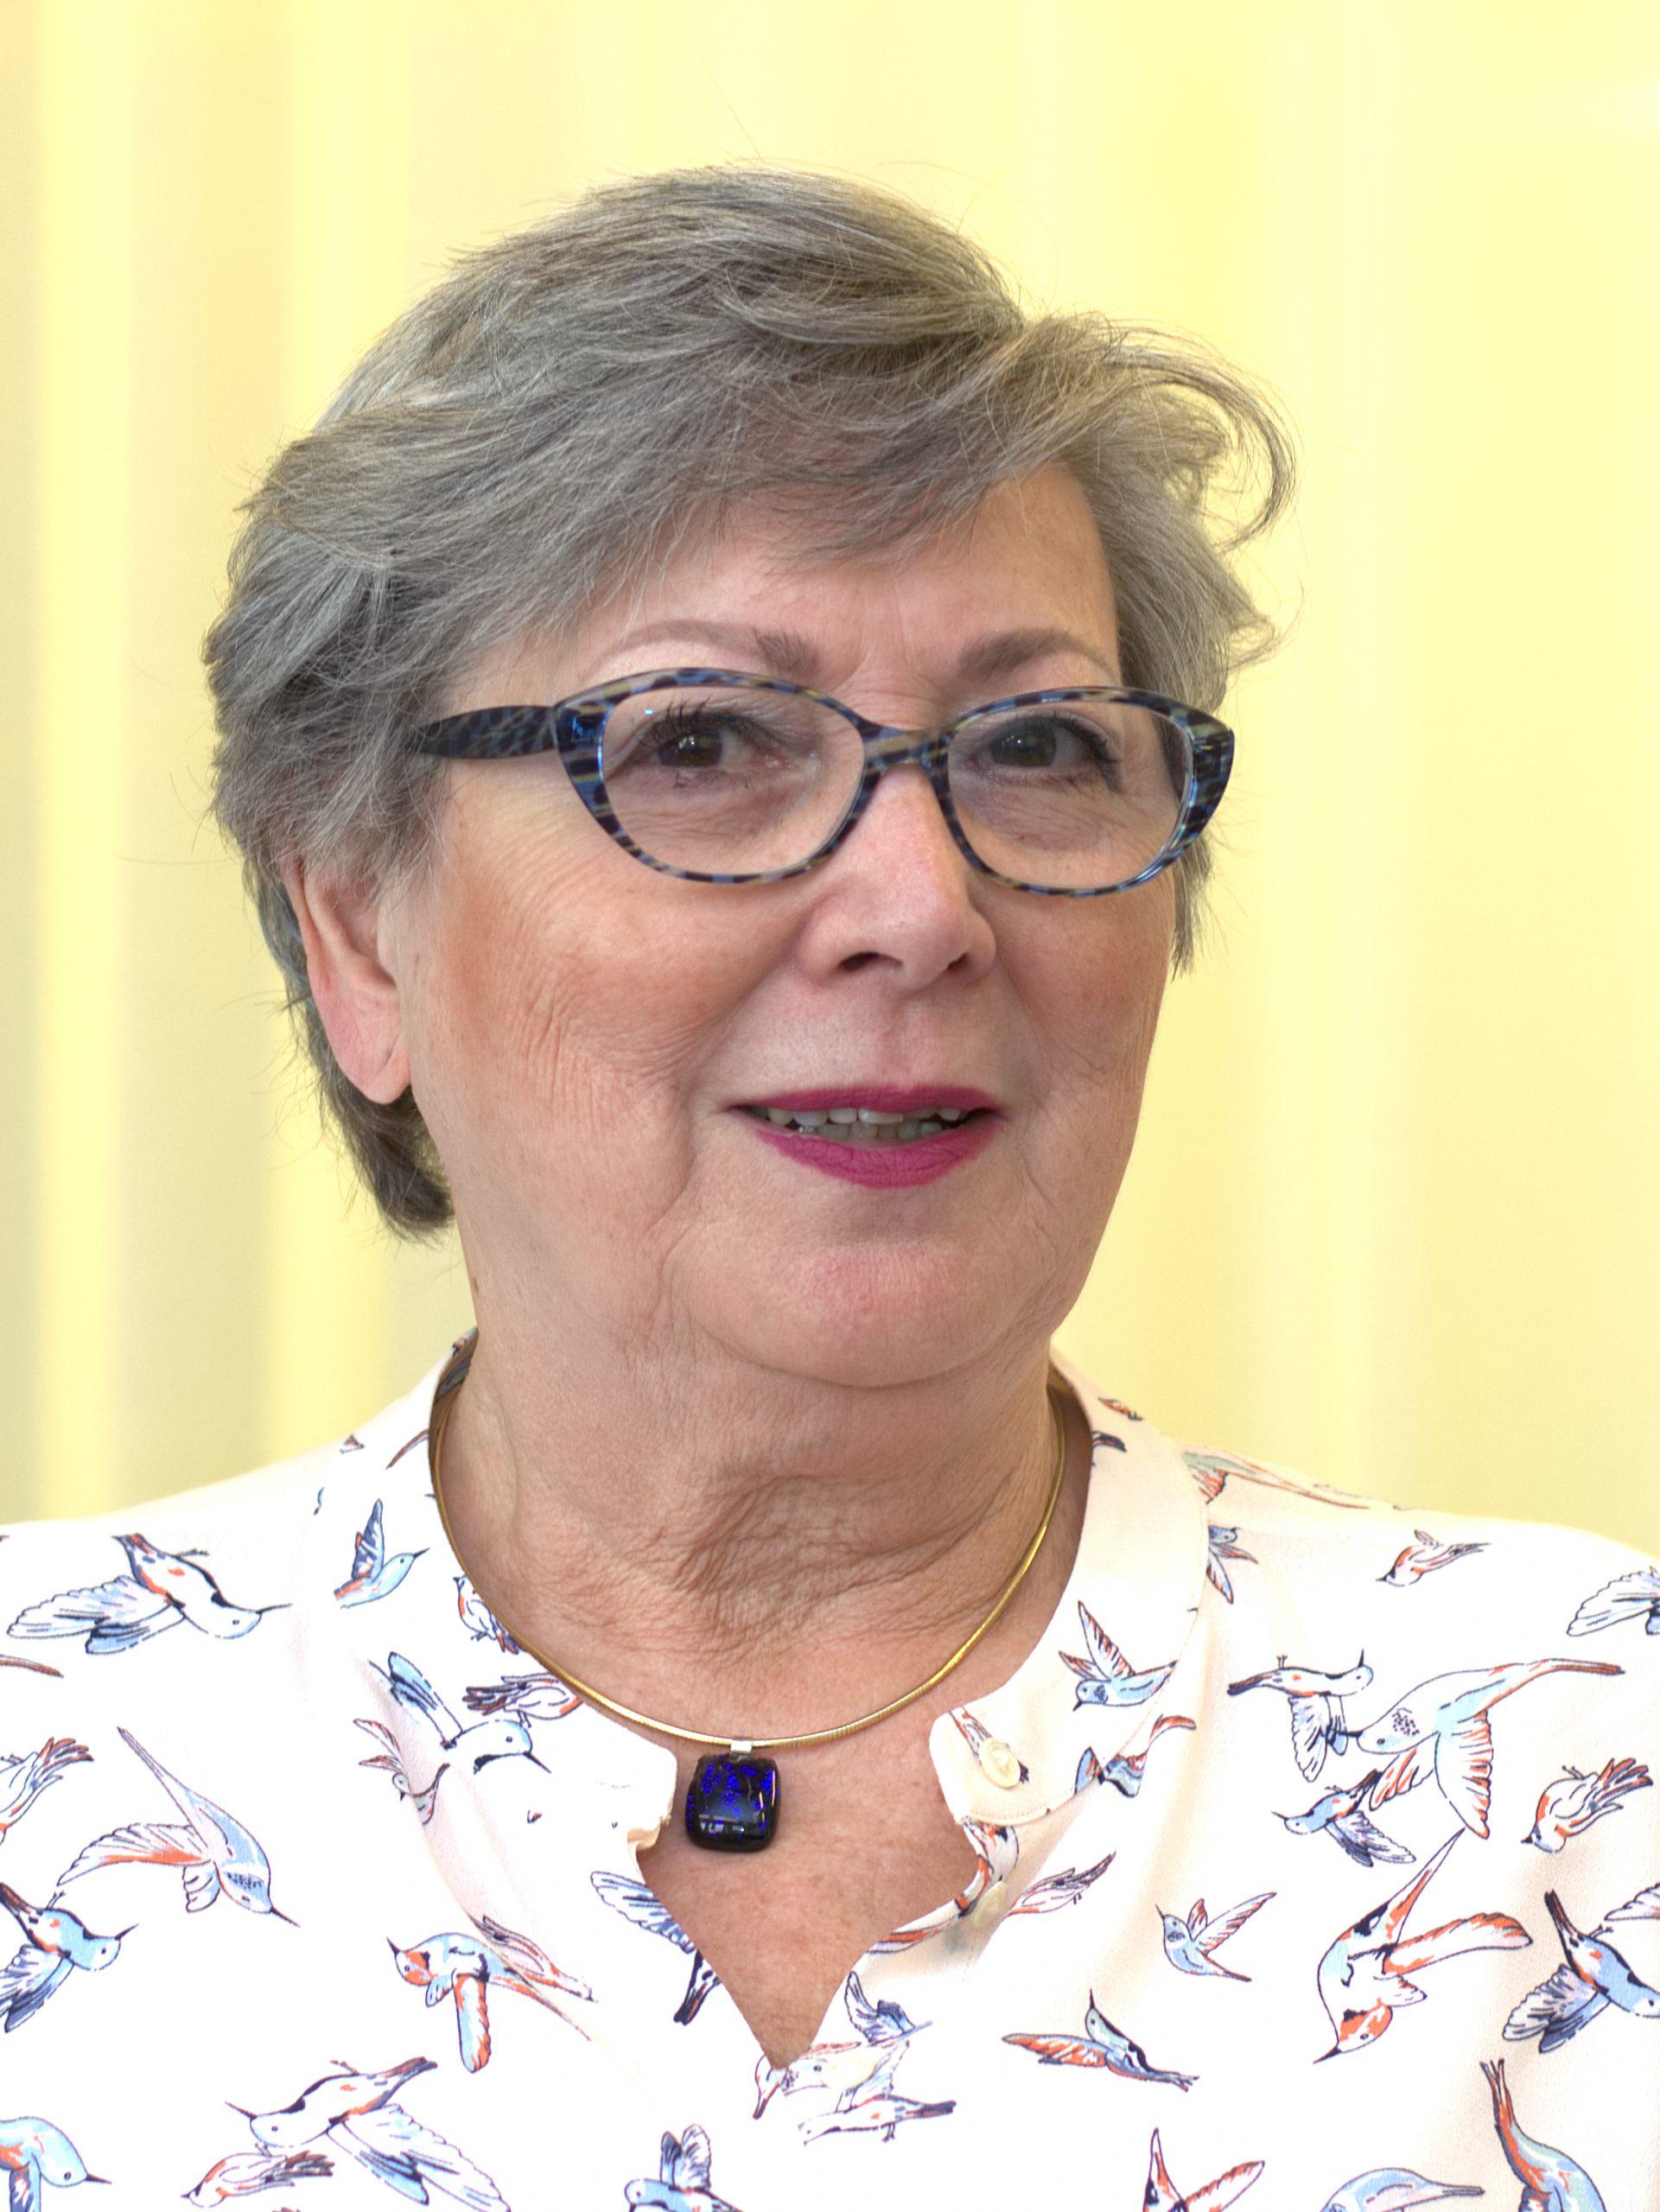 Ellen Natzijl